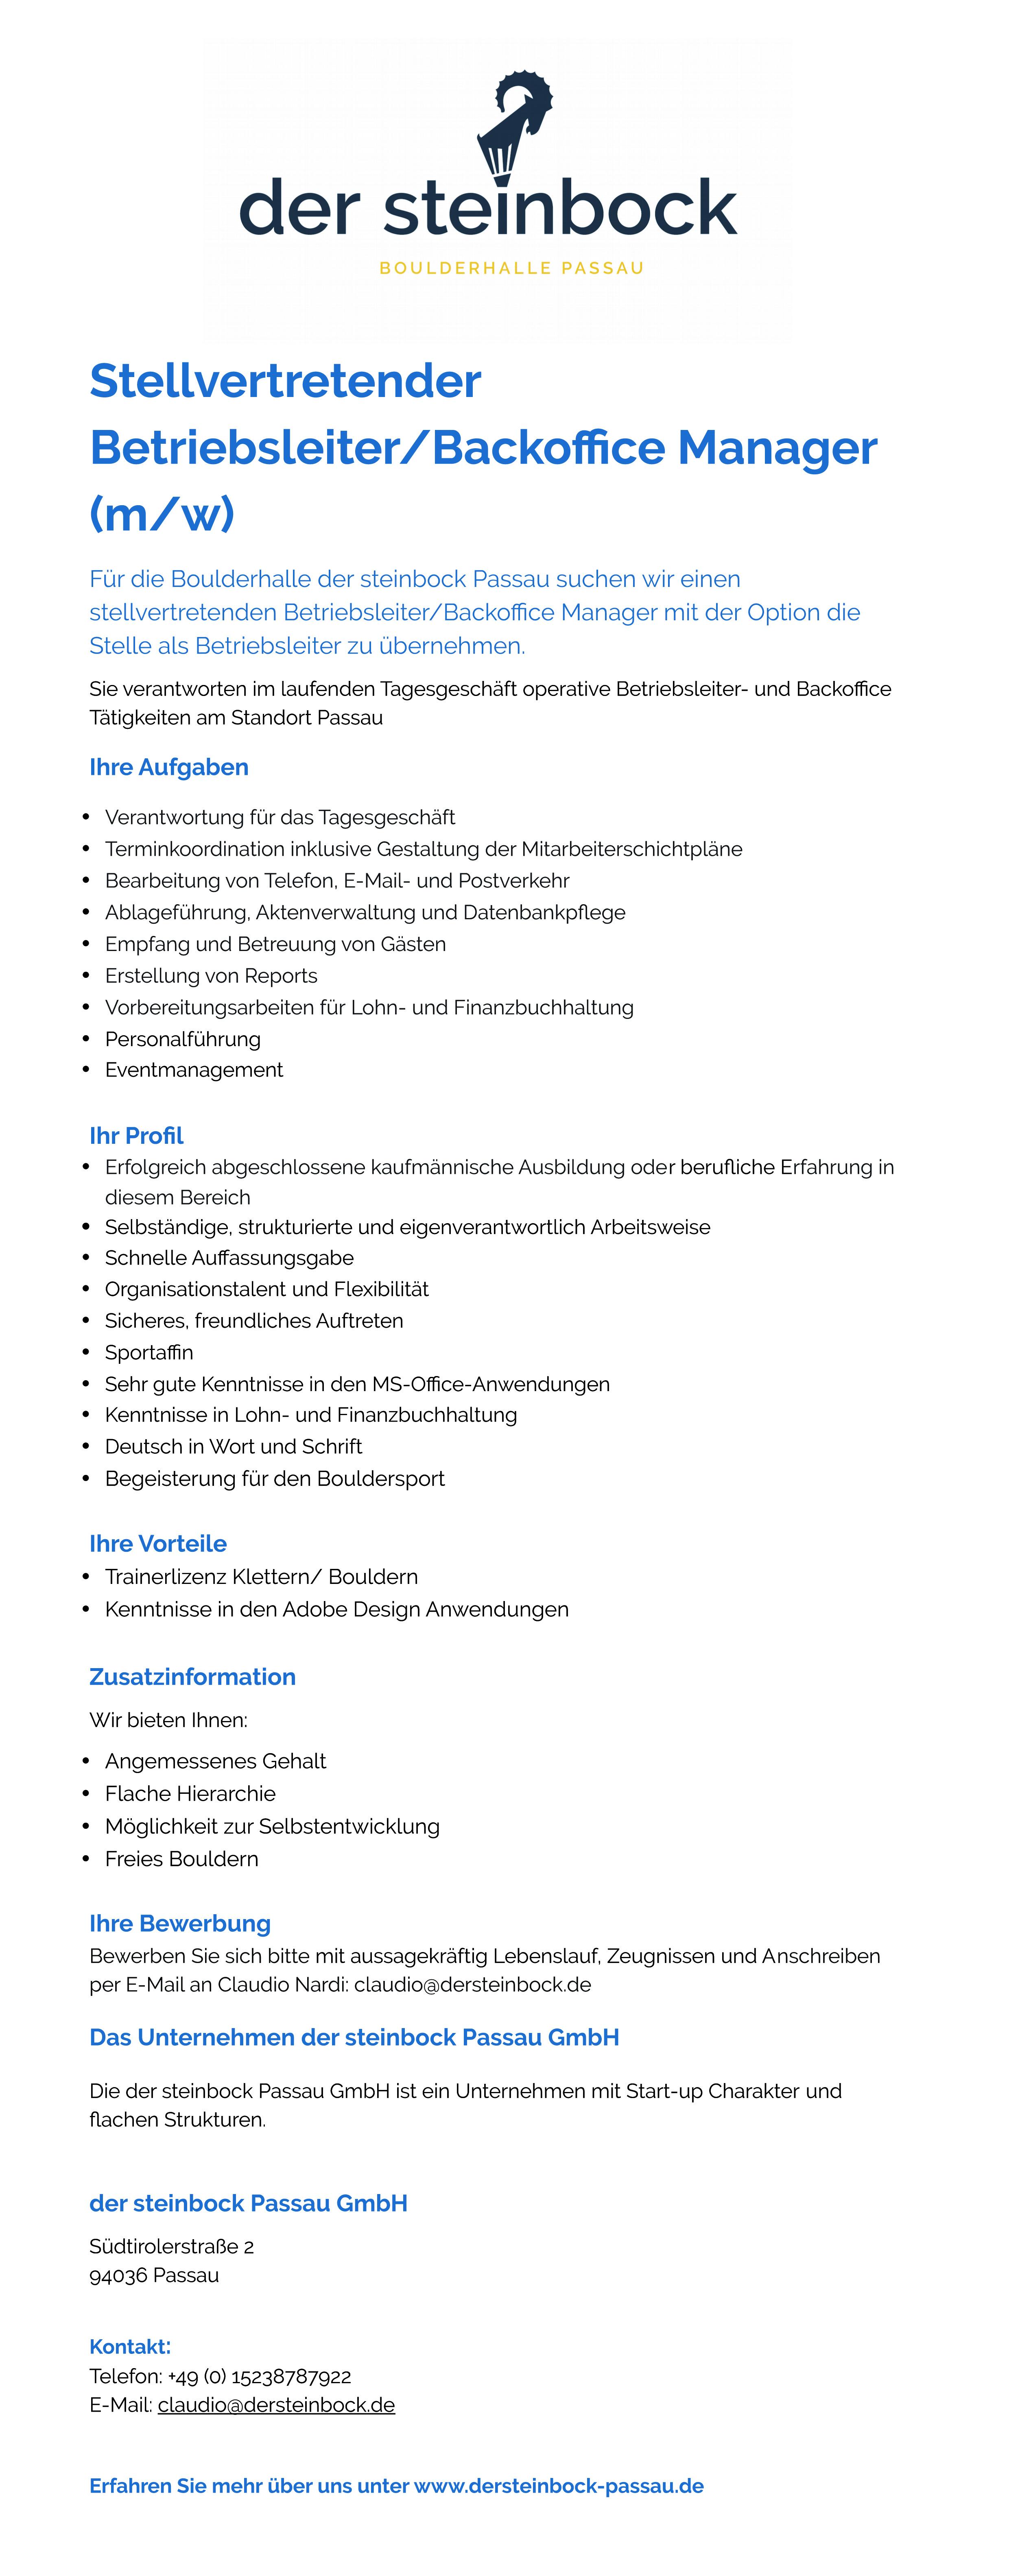 Stellenbeschreibung Stellvertretender Betriebsleiter:Backoffice Manager (m:w) Passau.jpg